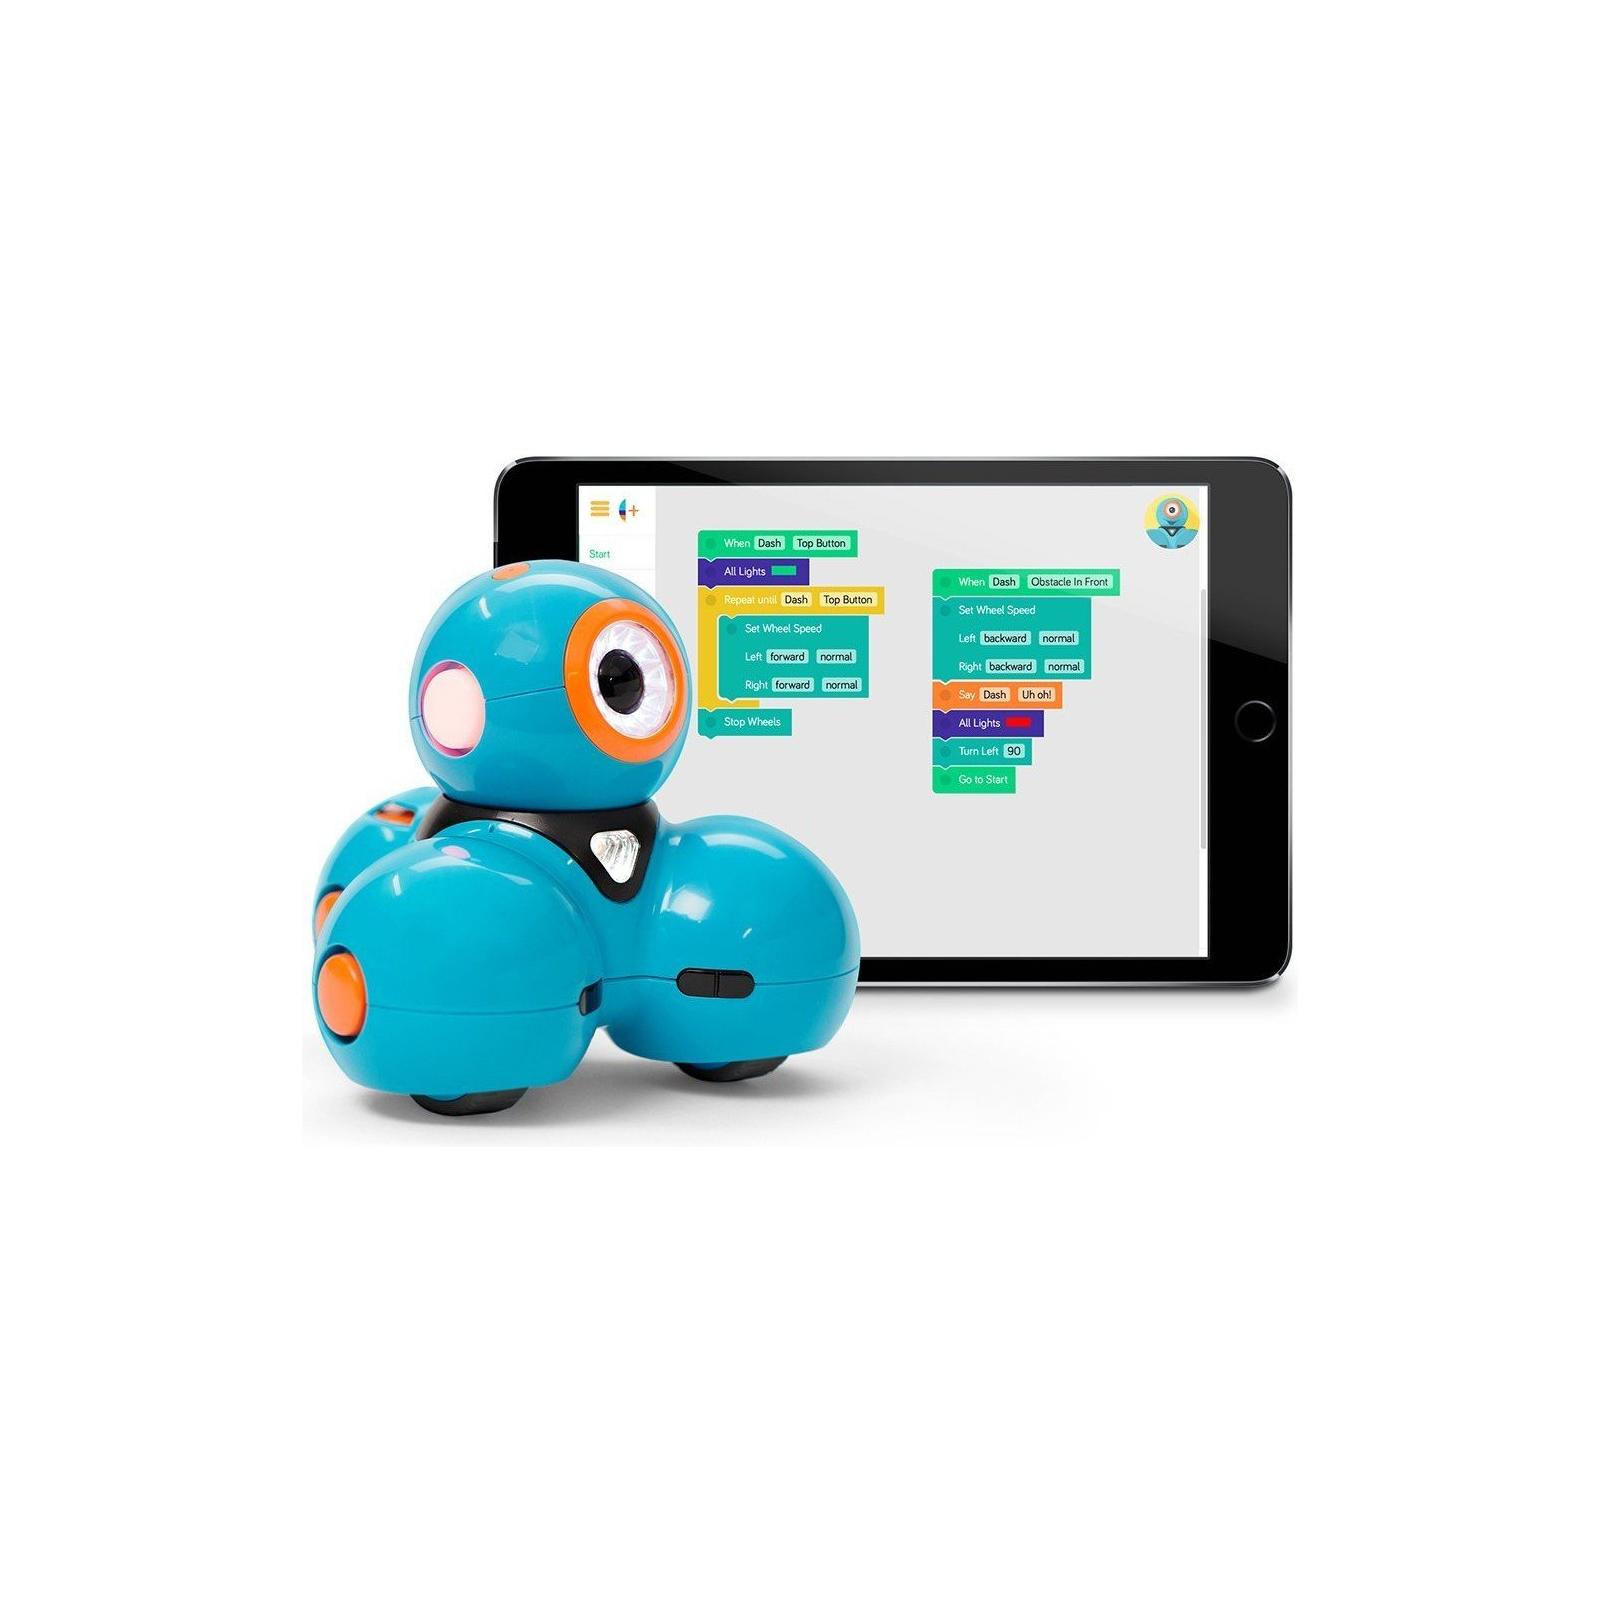 Робот Wonder Workshop Dash (1-DA01-05) изображение 8